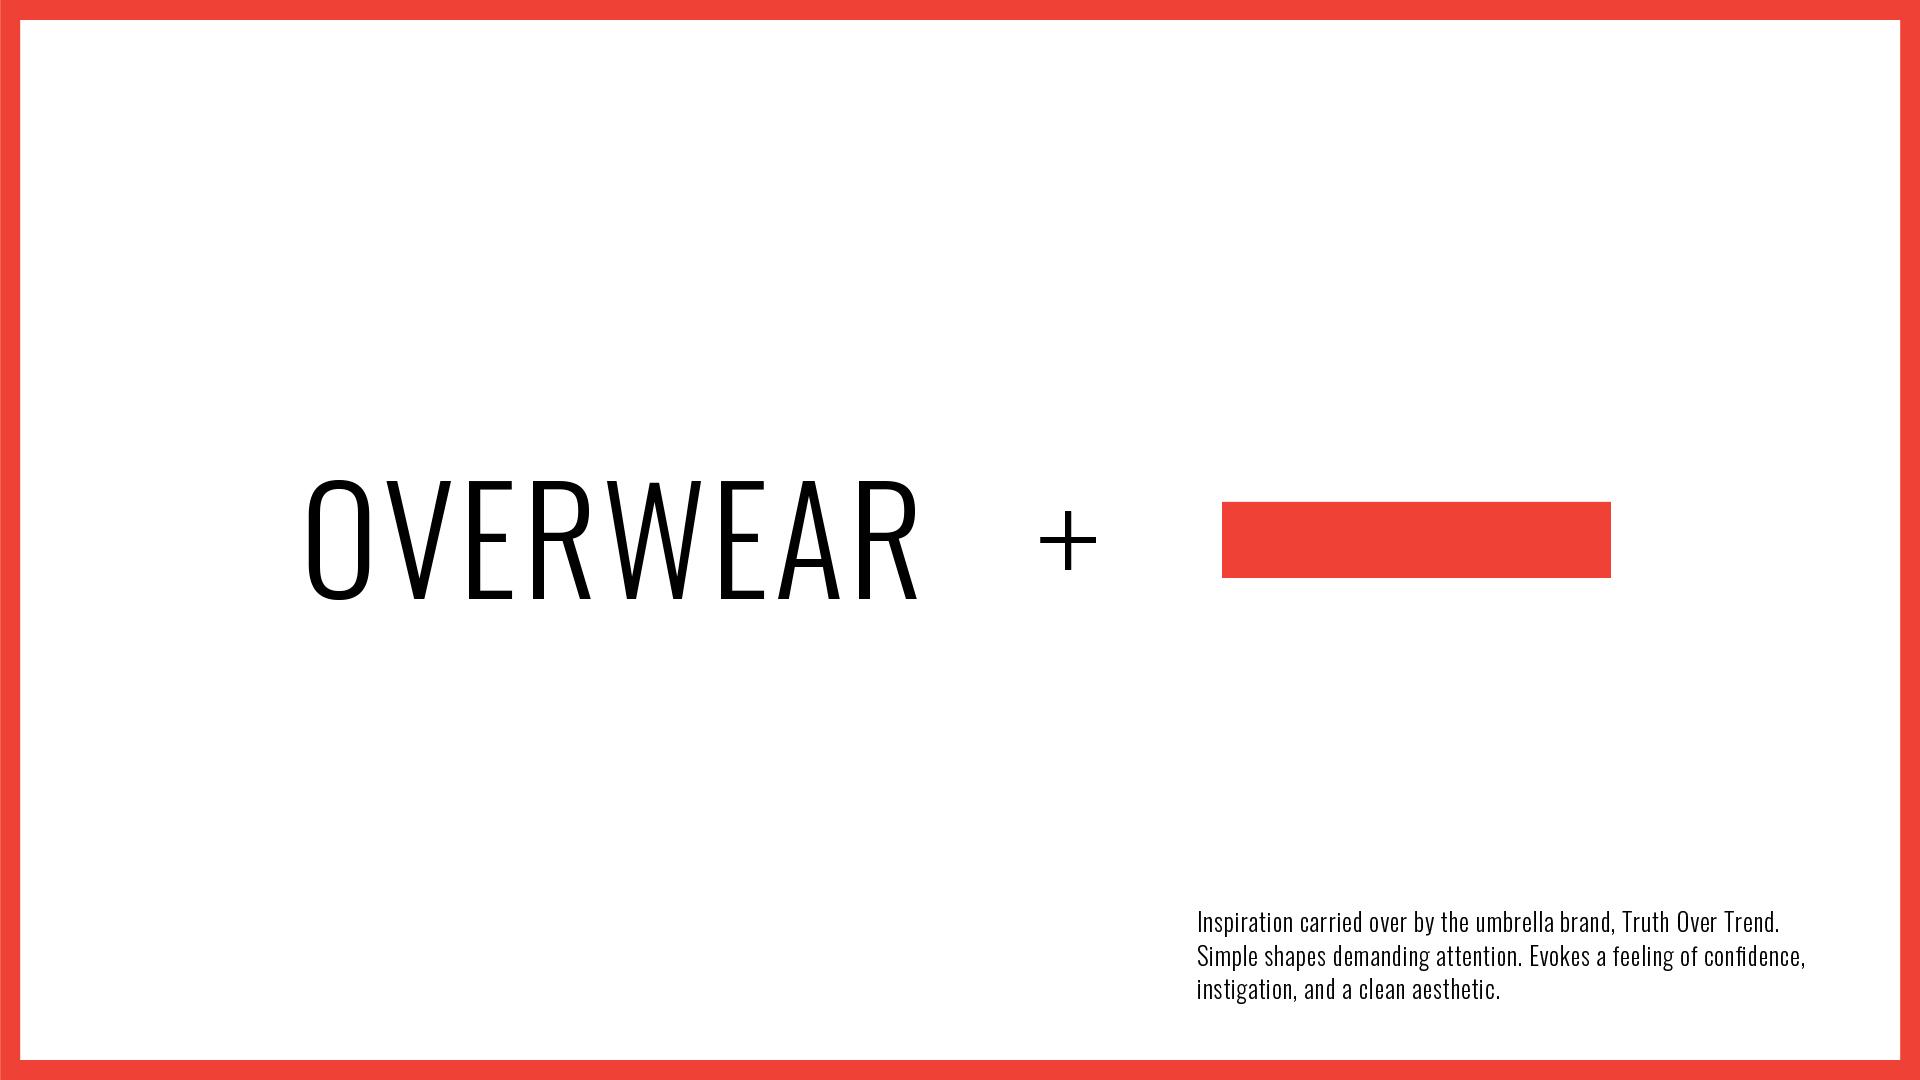 Overwear